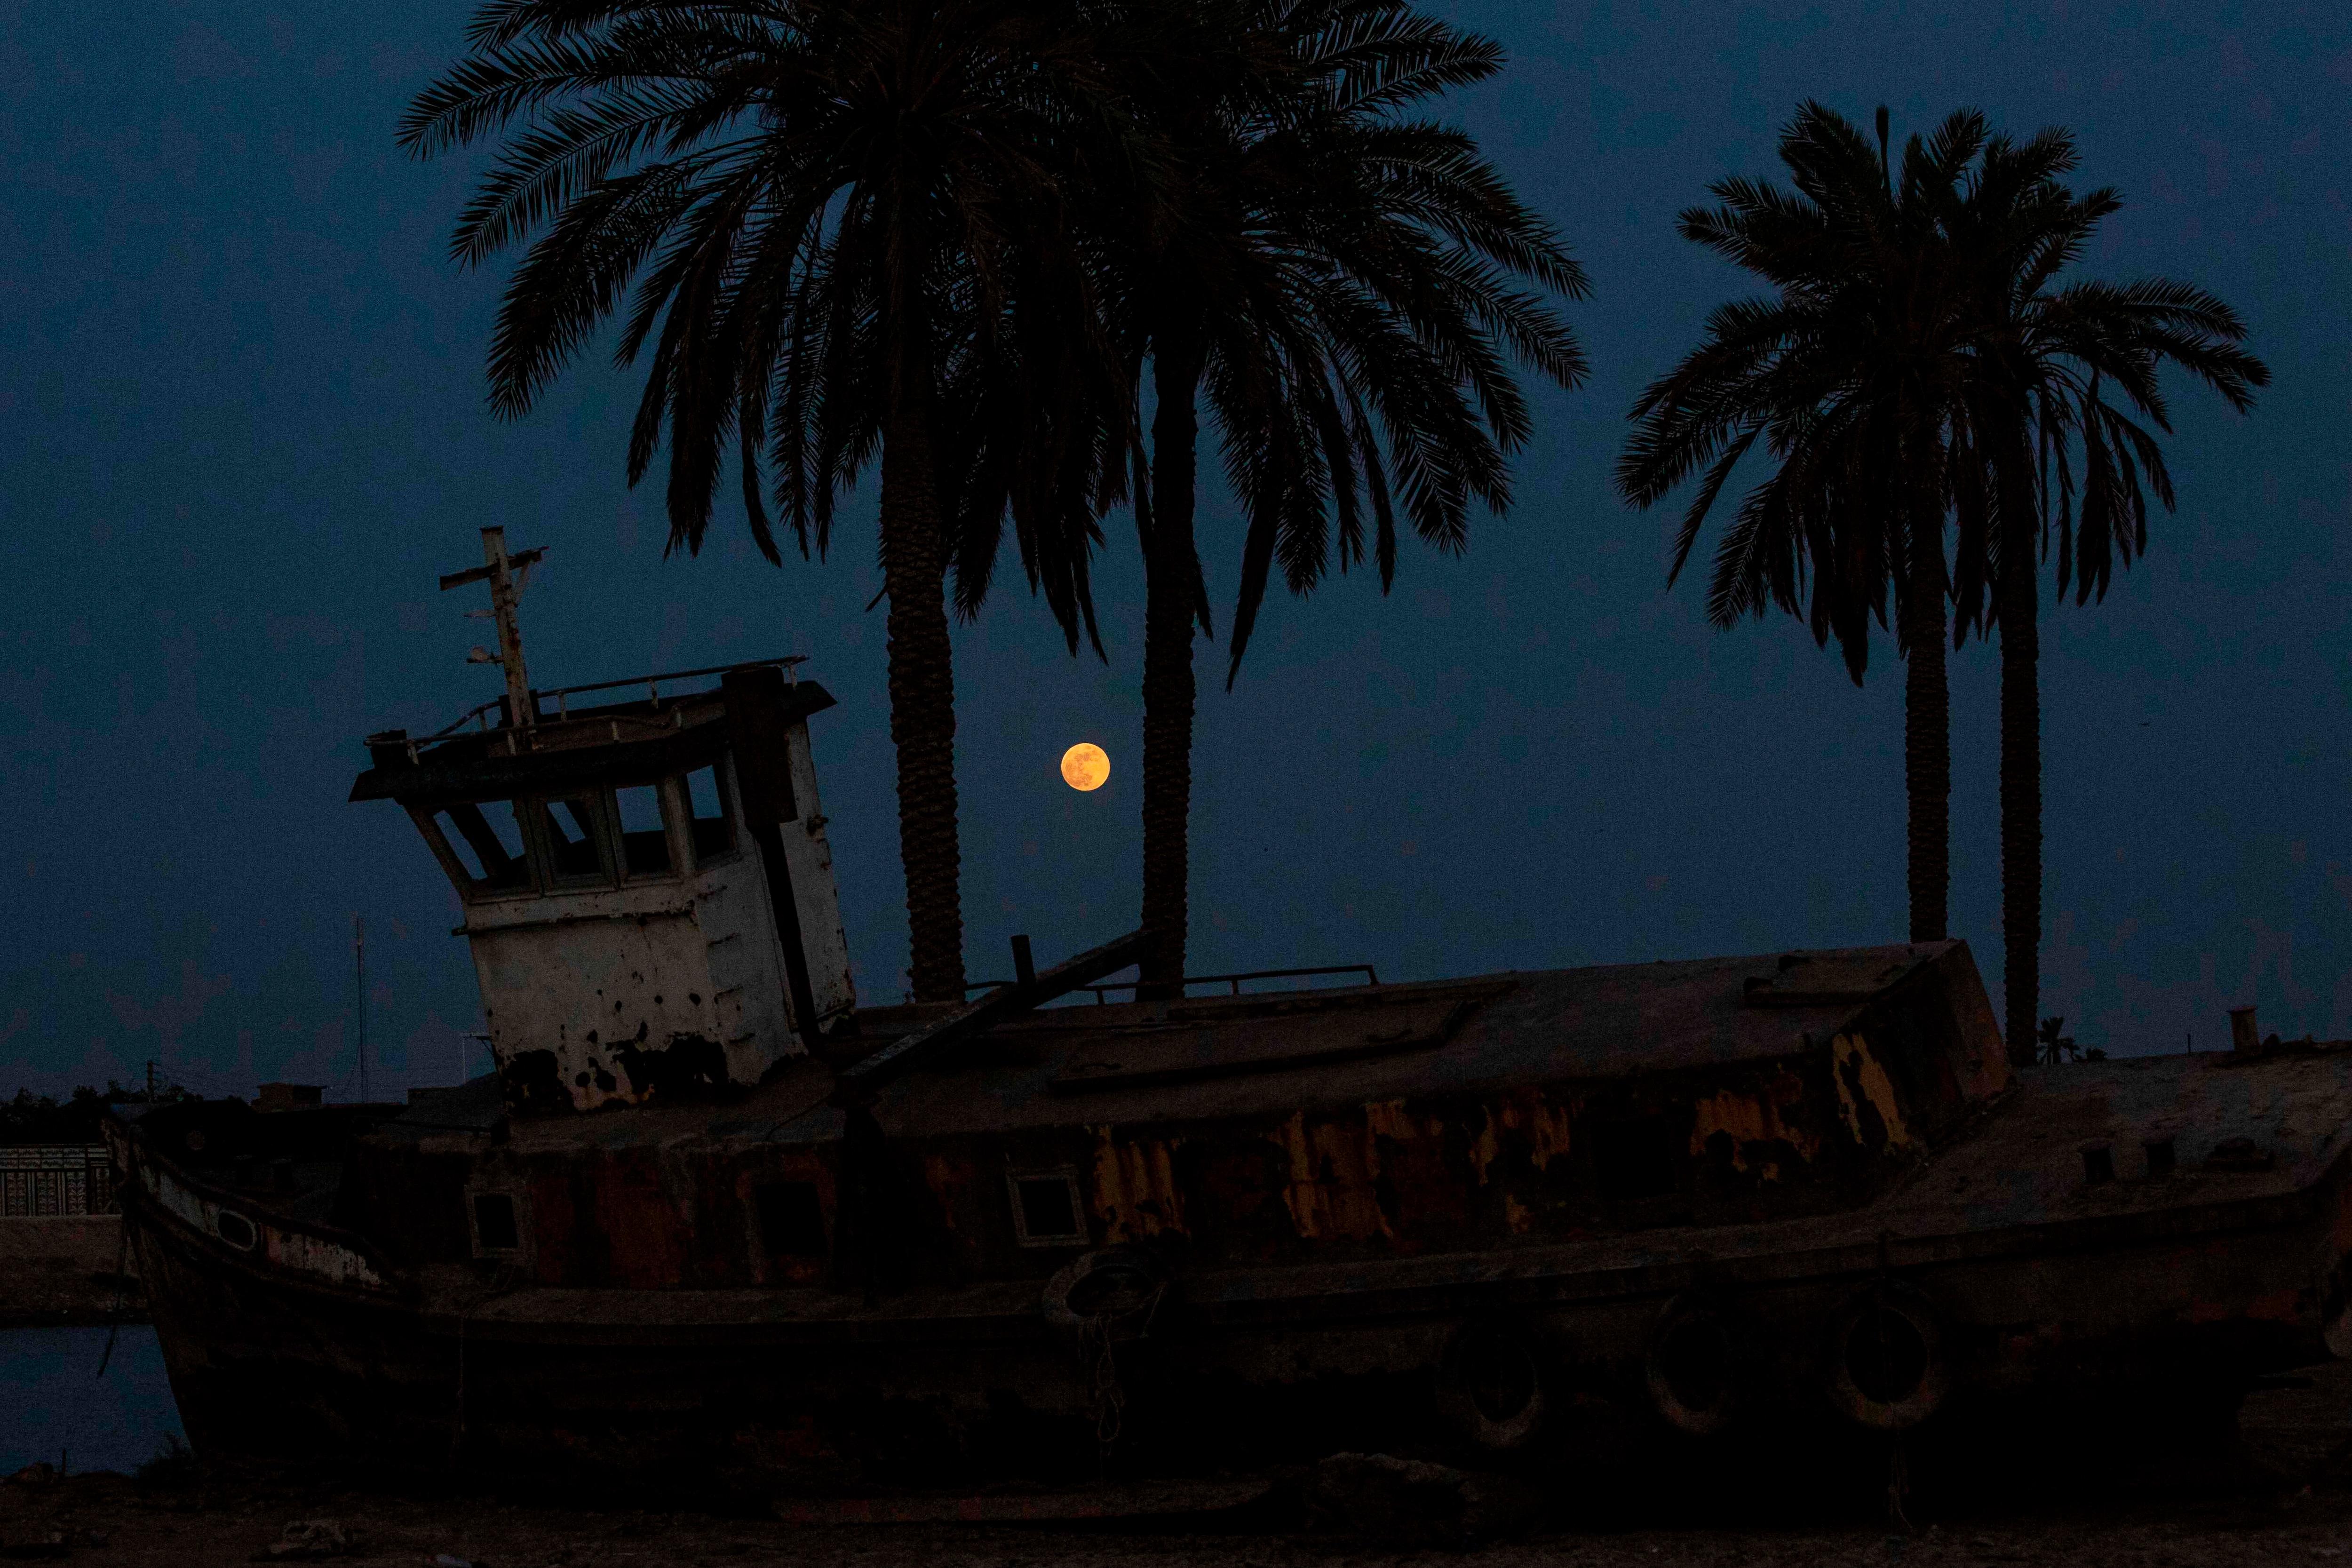 ইরাকের বাসরা শহরে। (AFP)